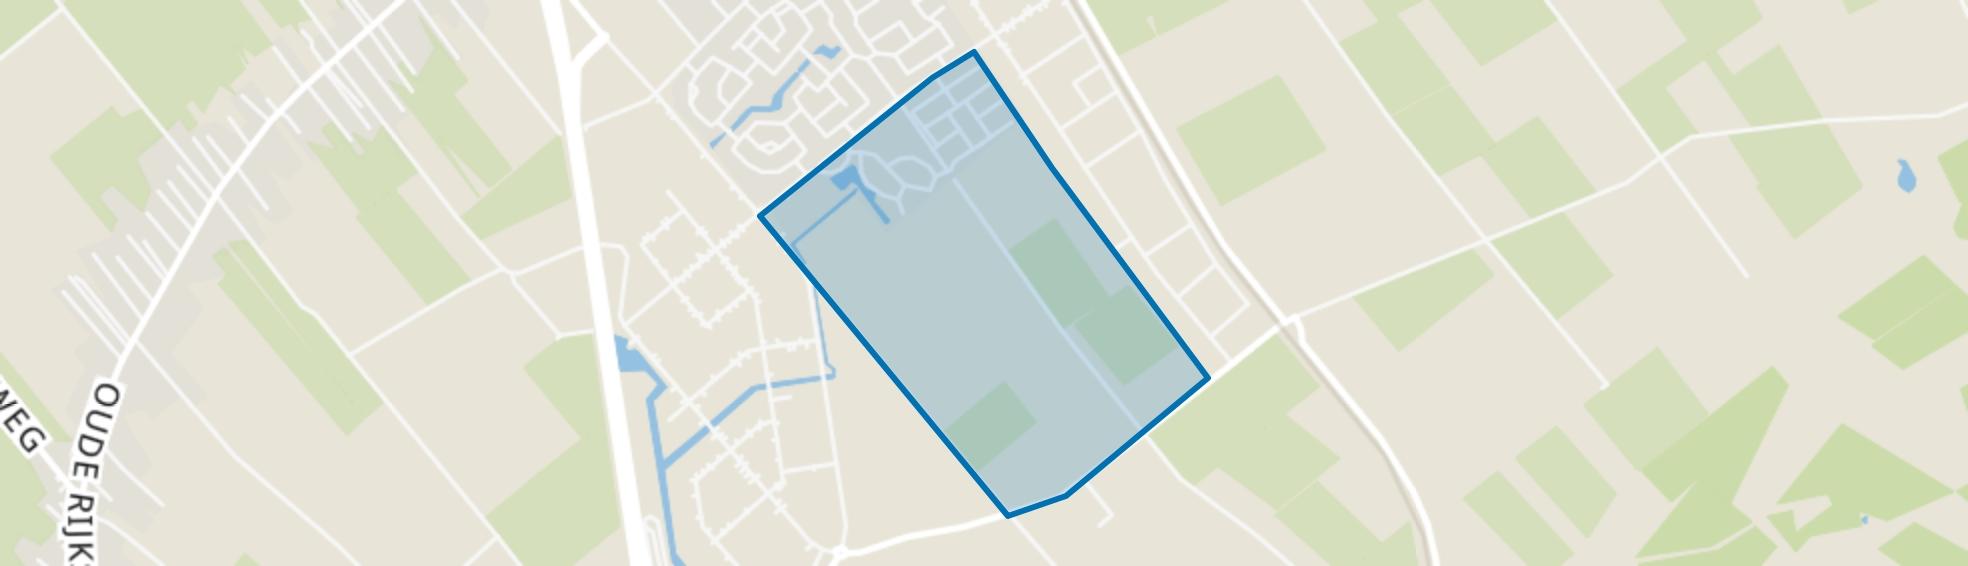 De Slagen, Staphorst map